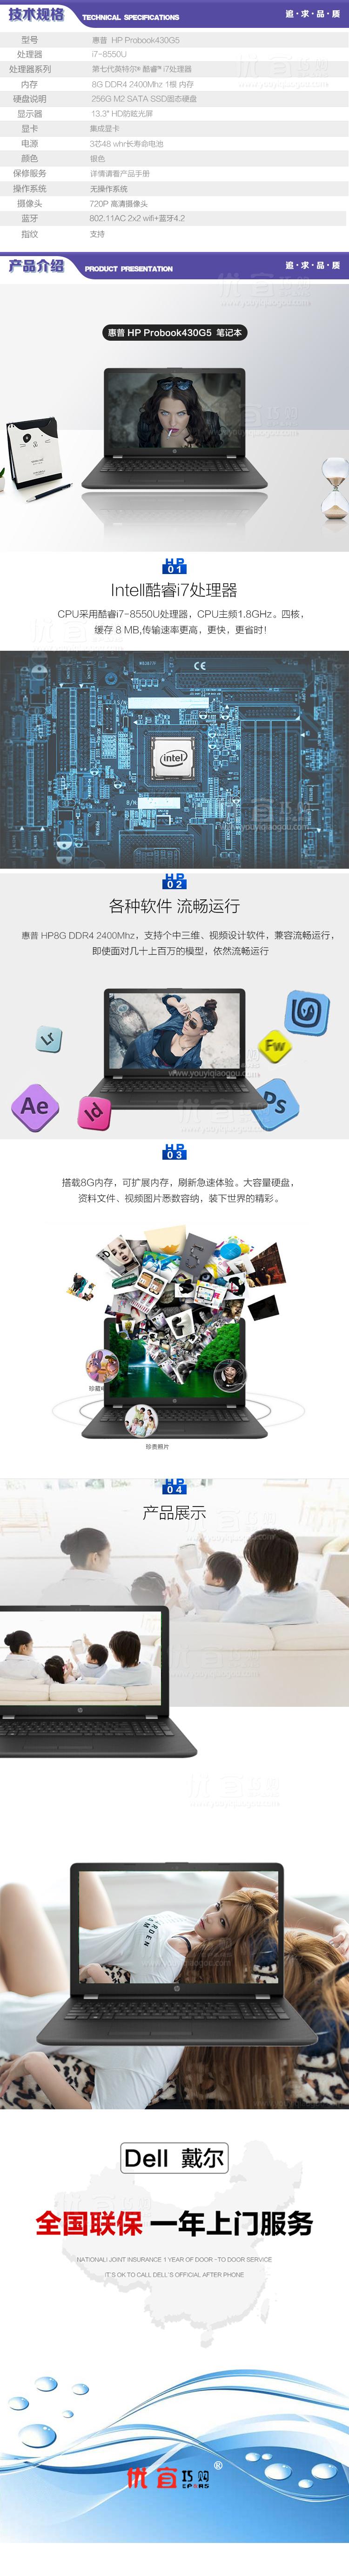 惠普 probook430G5 I7-8550 笔记本 .jpg